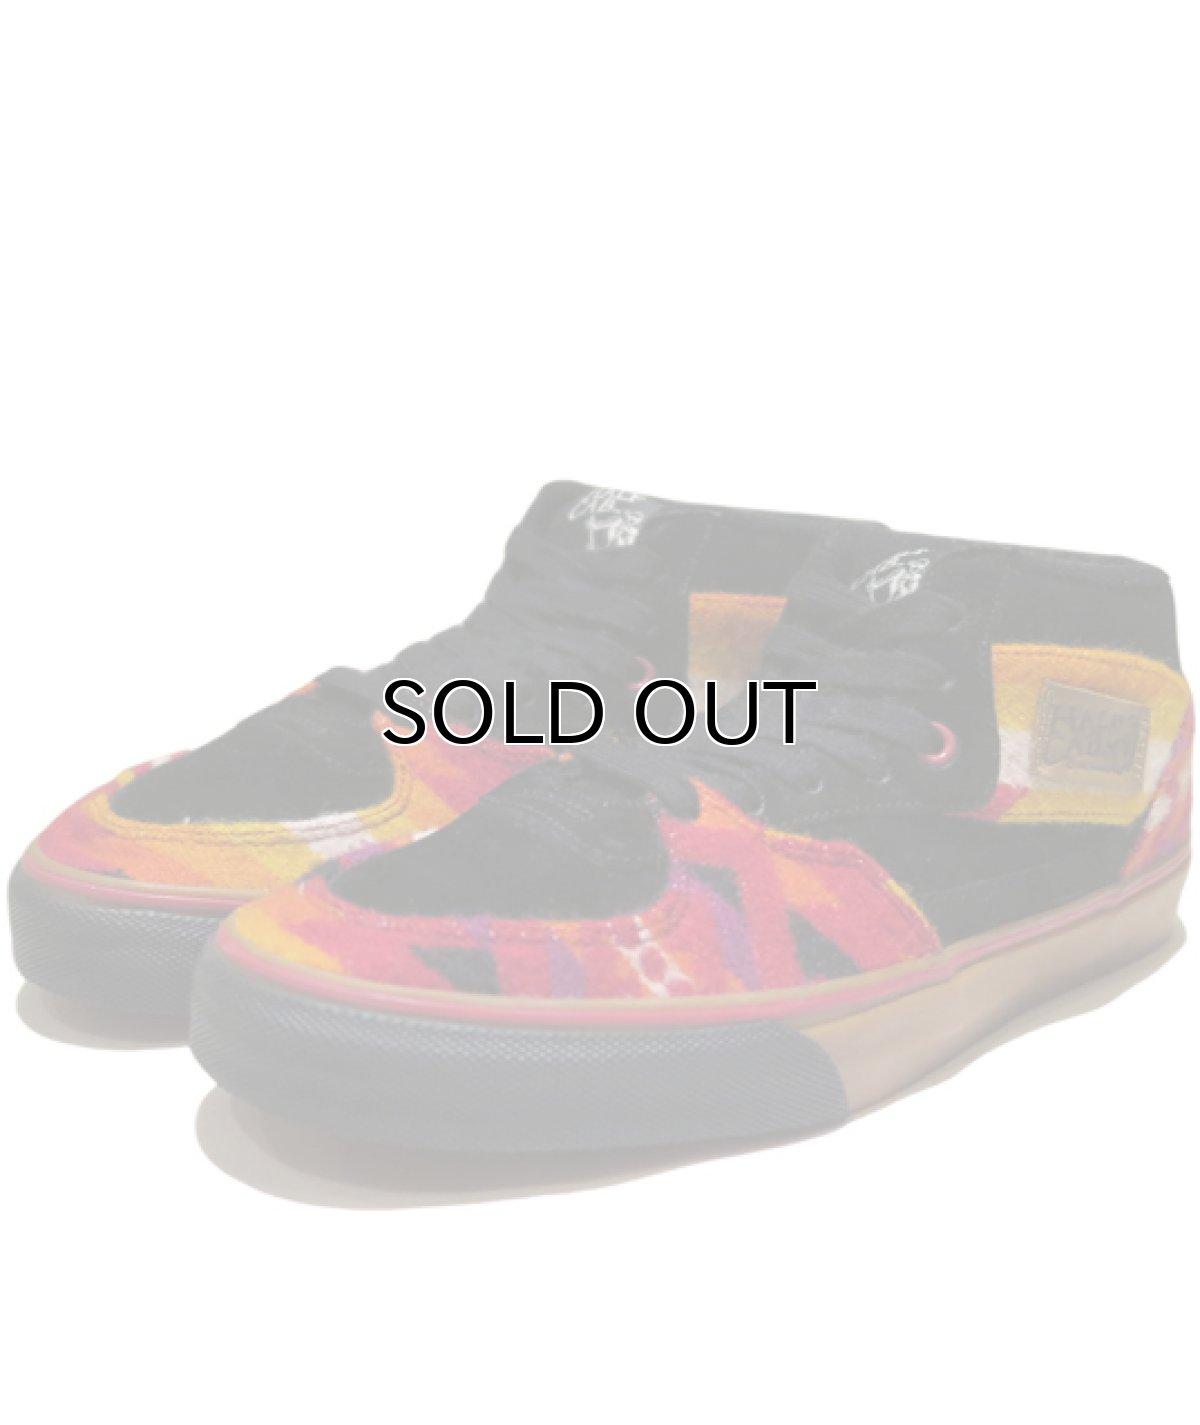 """画像1: NEW VANS × PENDLETON """"Half Cab"""" Skate Shoes BLACK / NATIVE size US 9 1/2 (1)"""